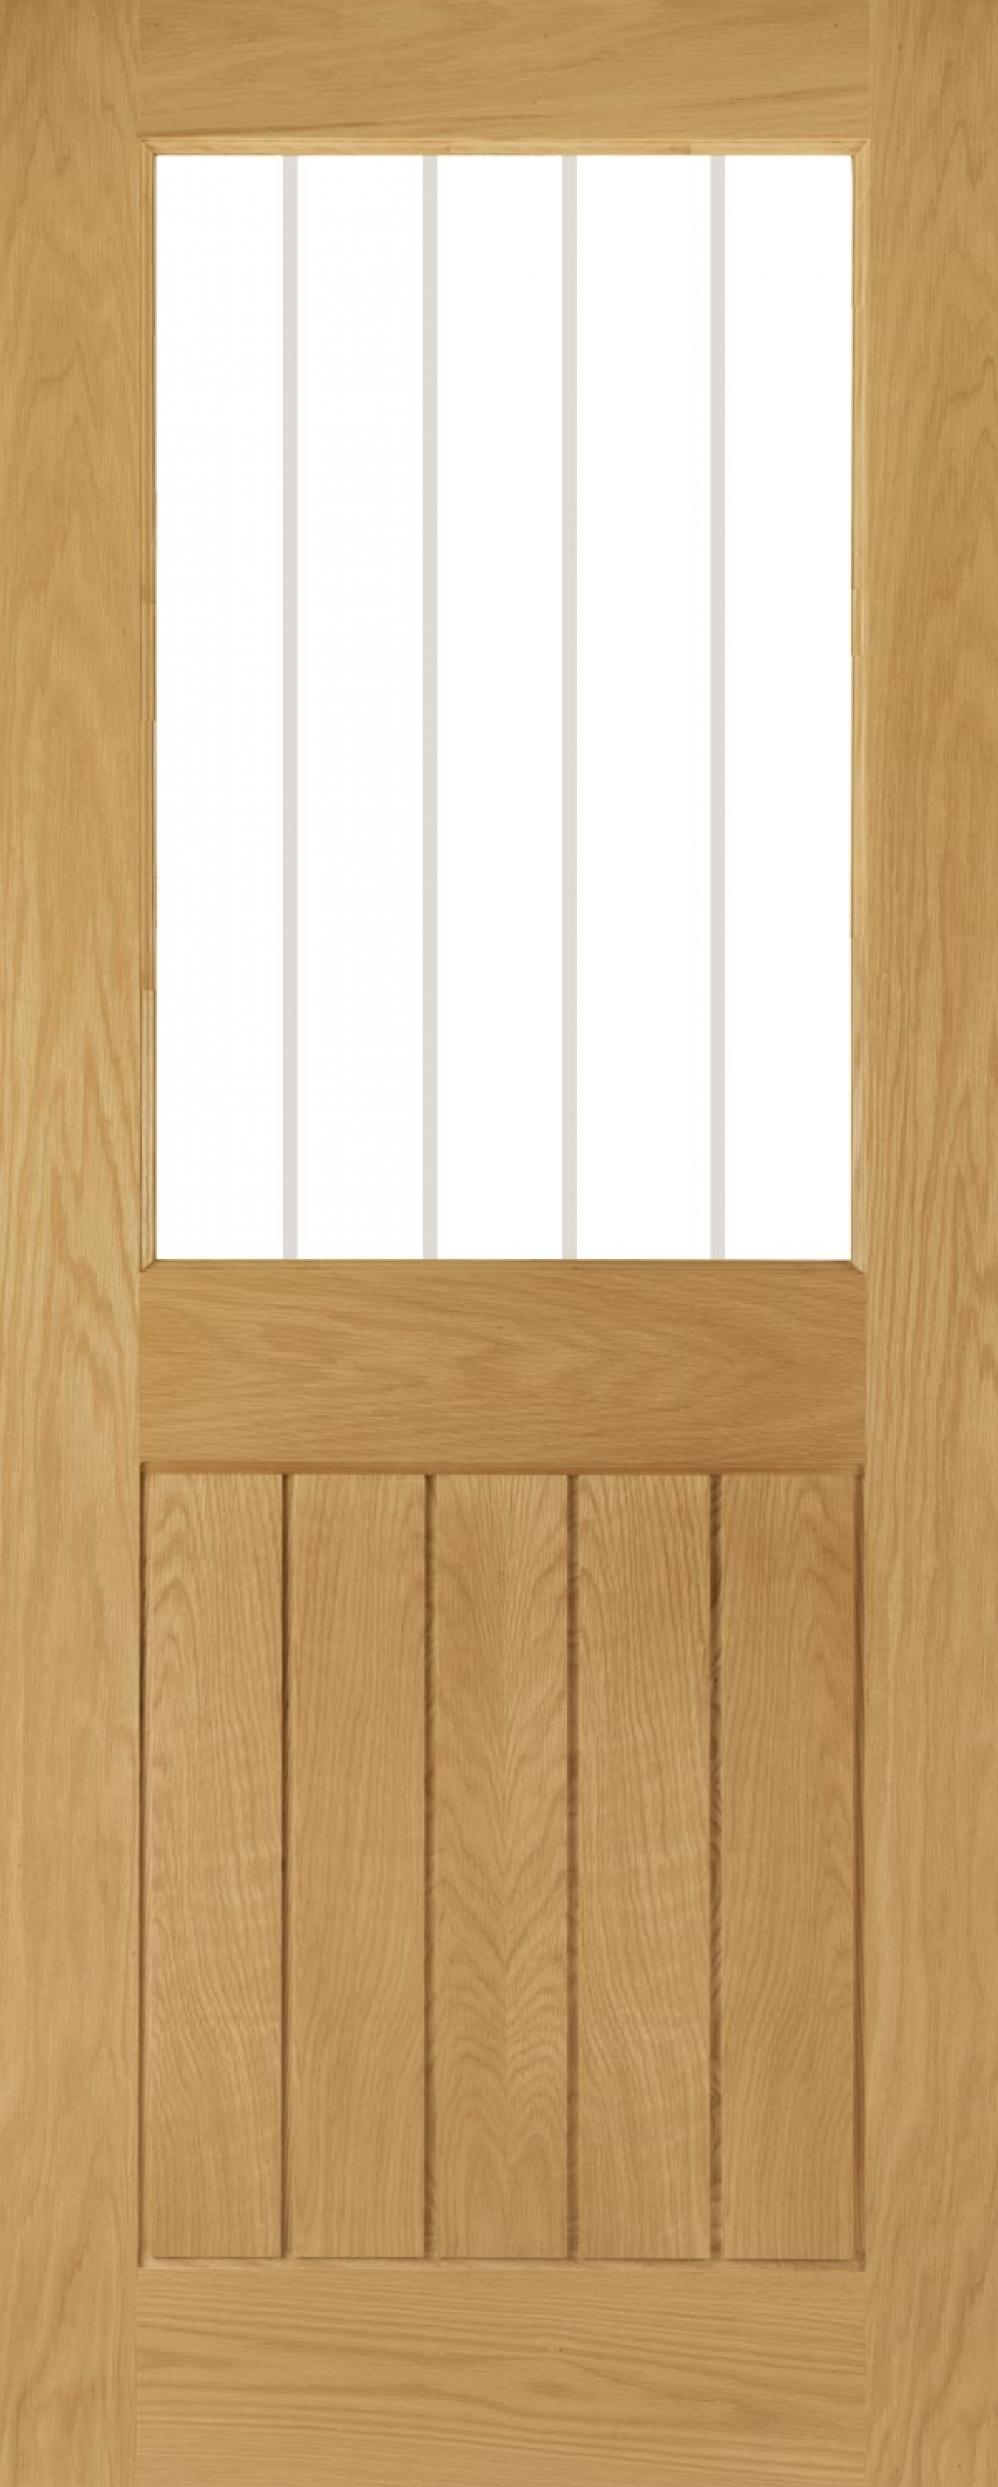 Ely Clear Glazed Prefinished Oak Door